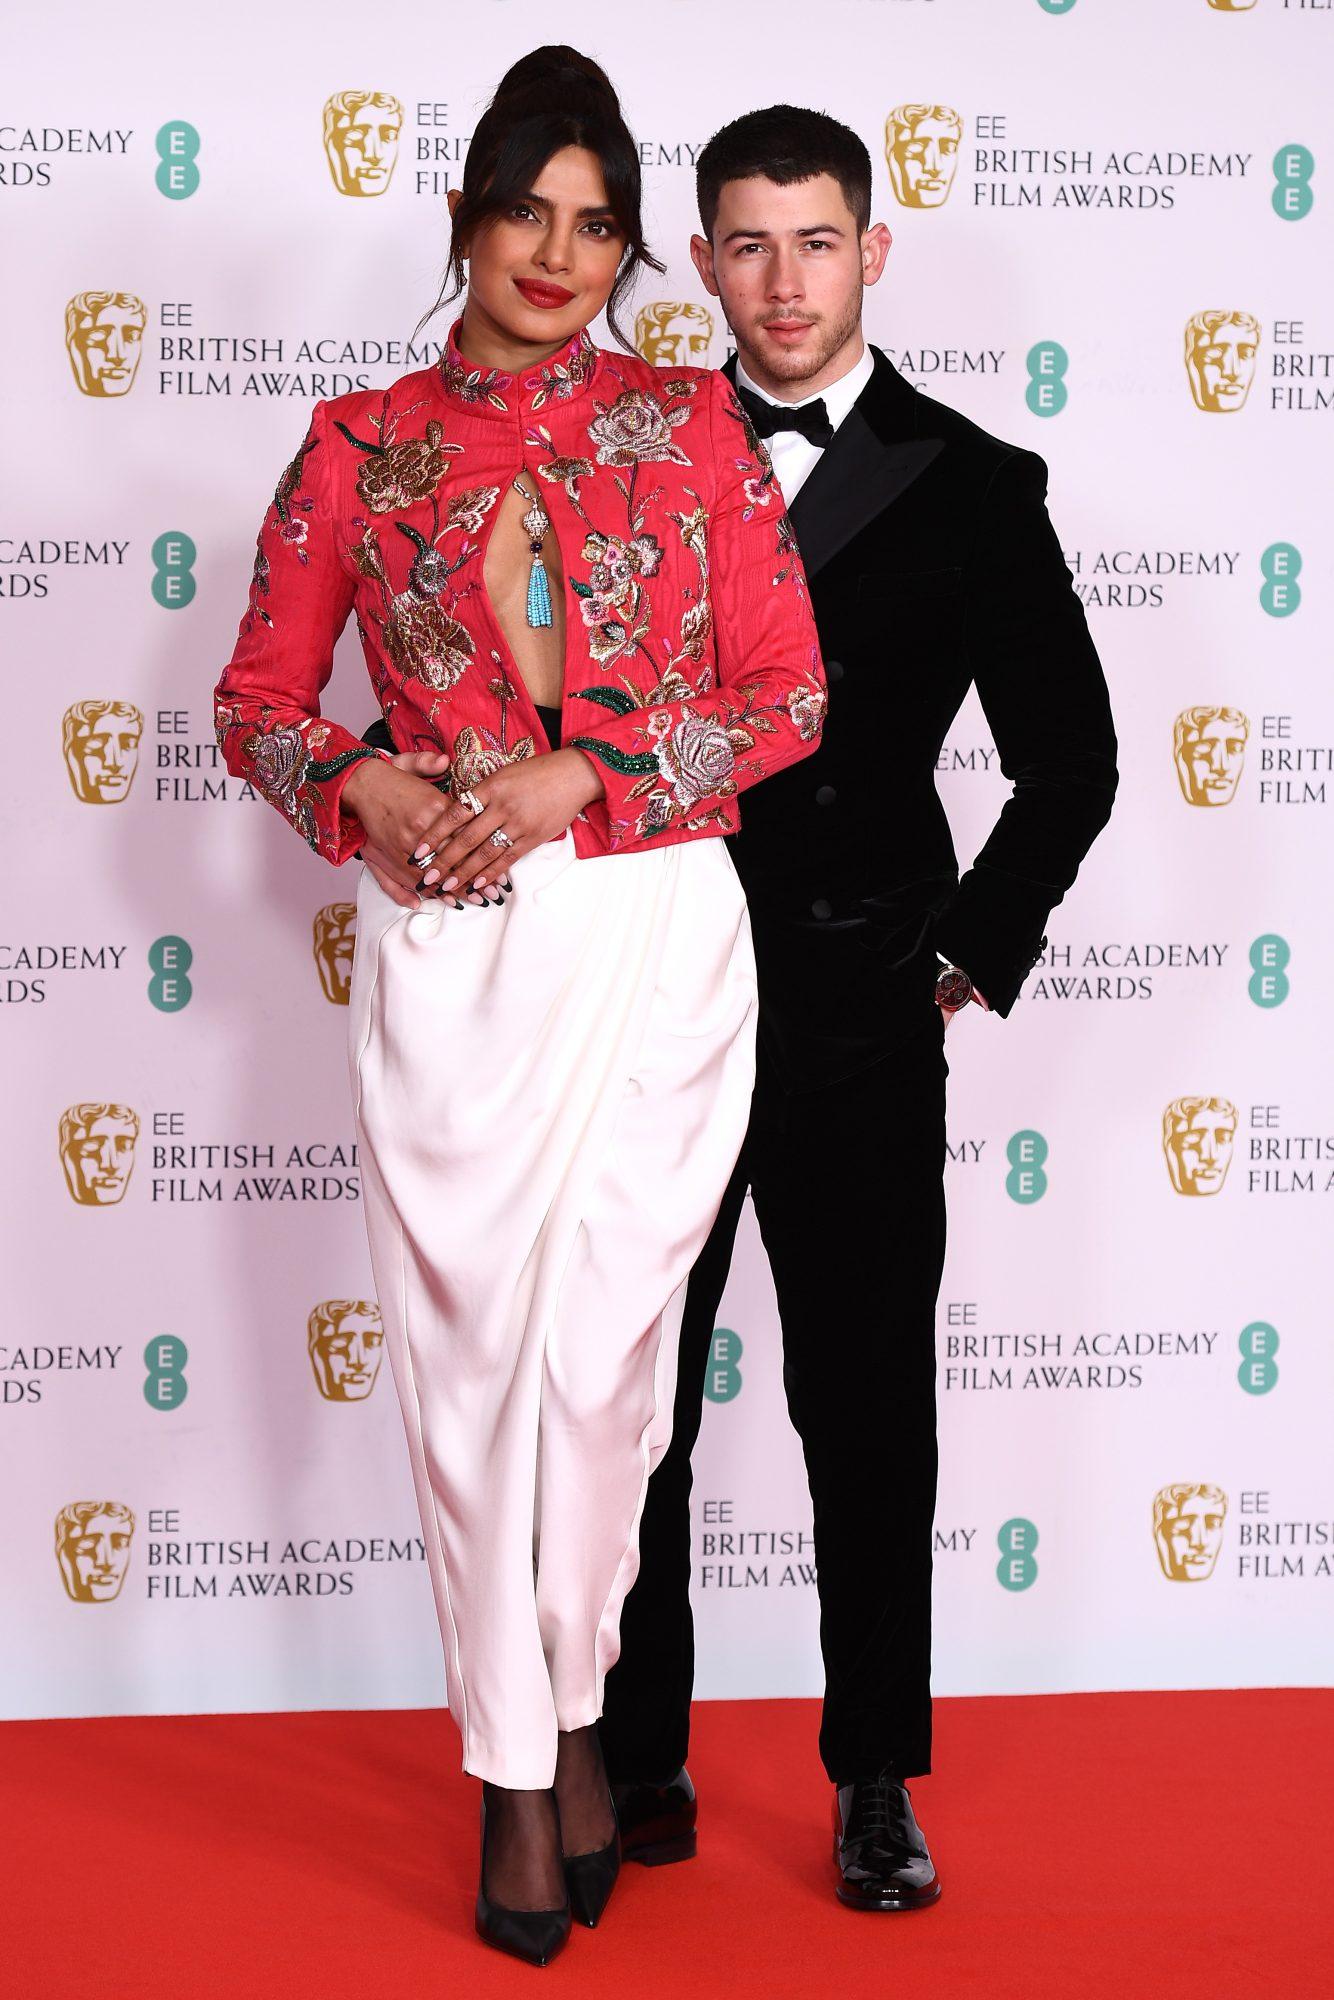 Mejores looks BAFTA 2021